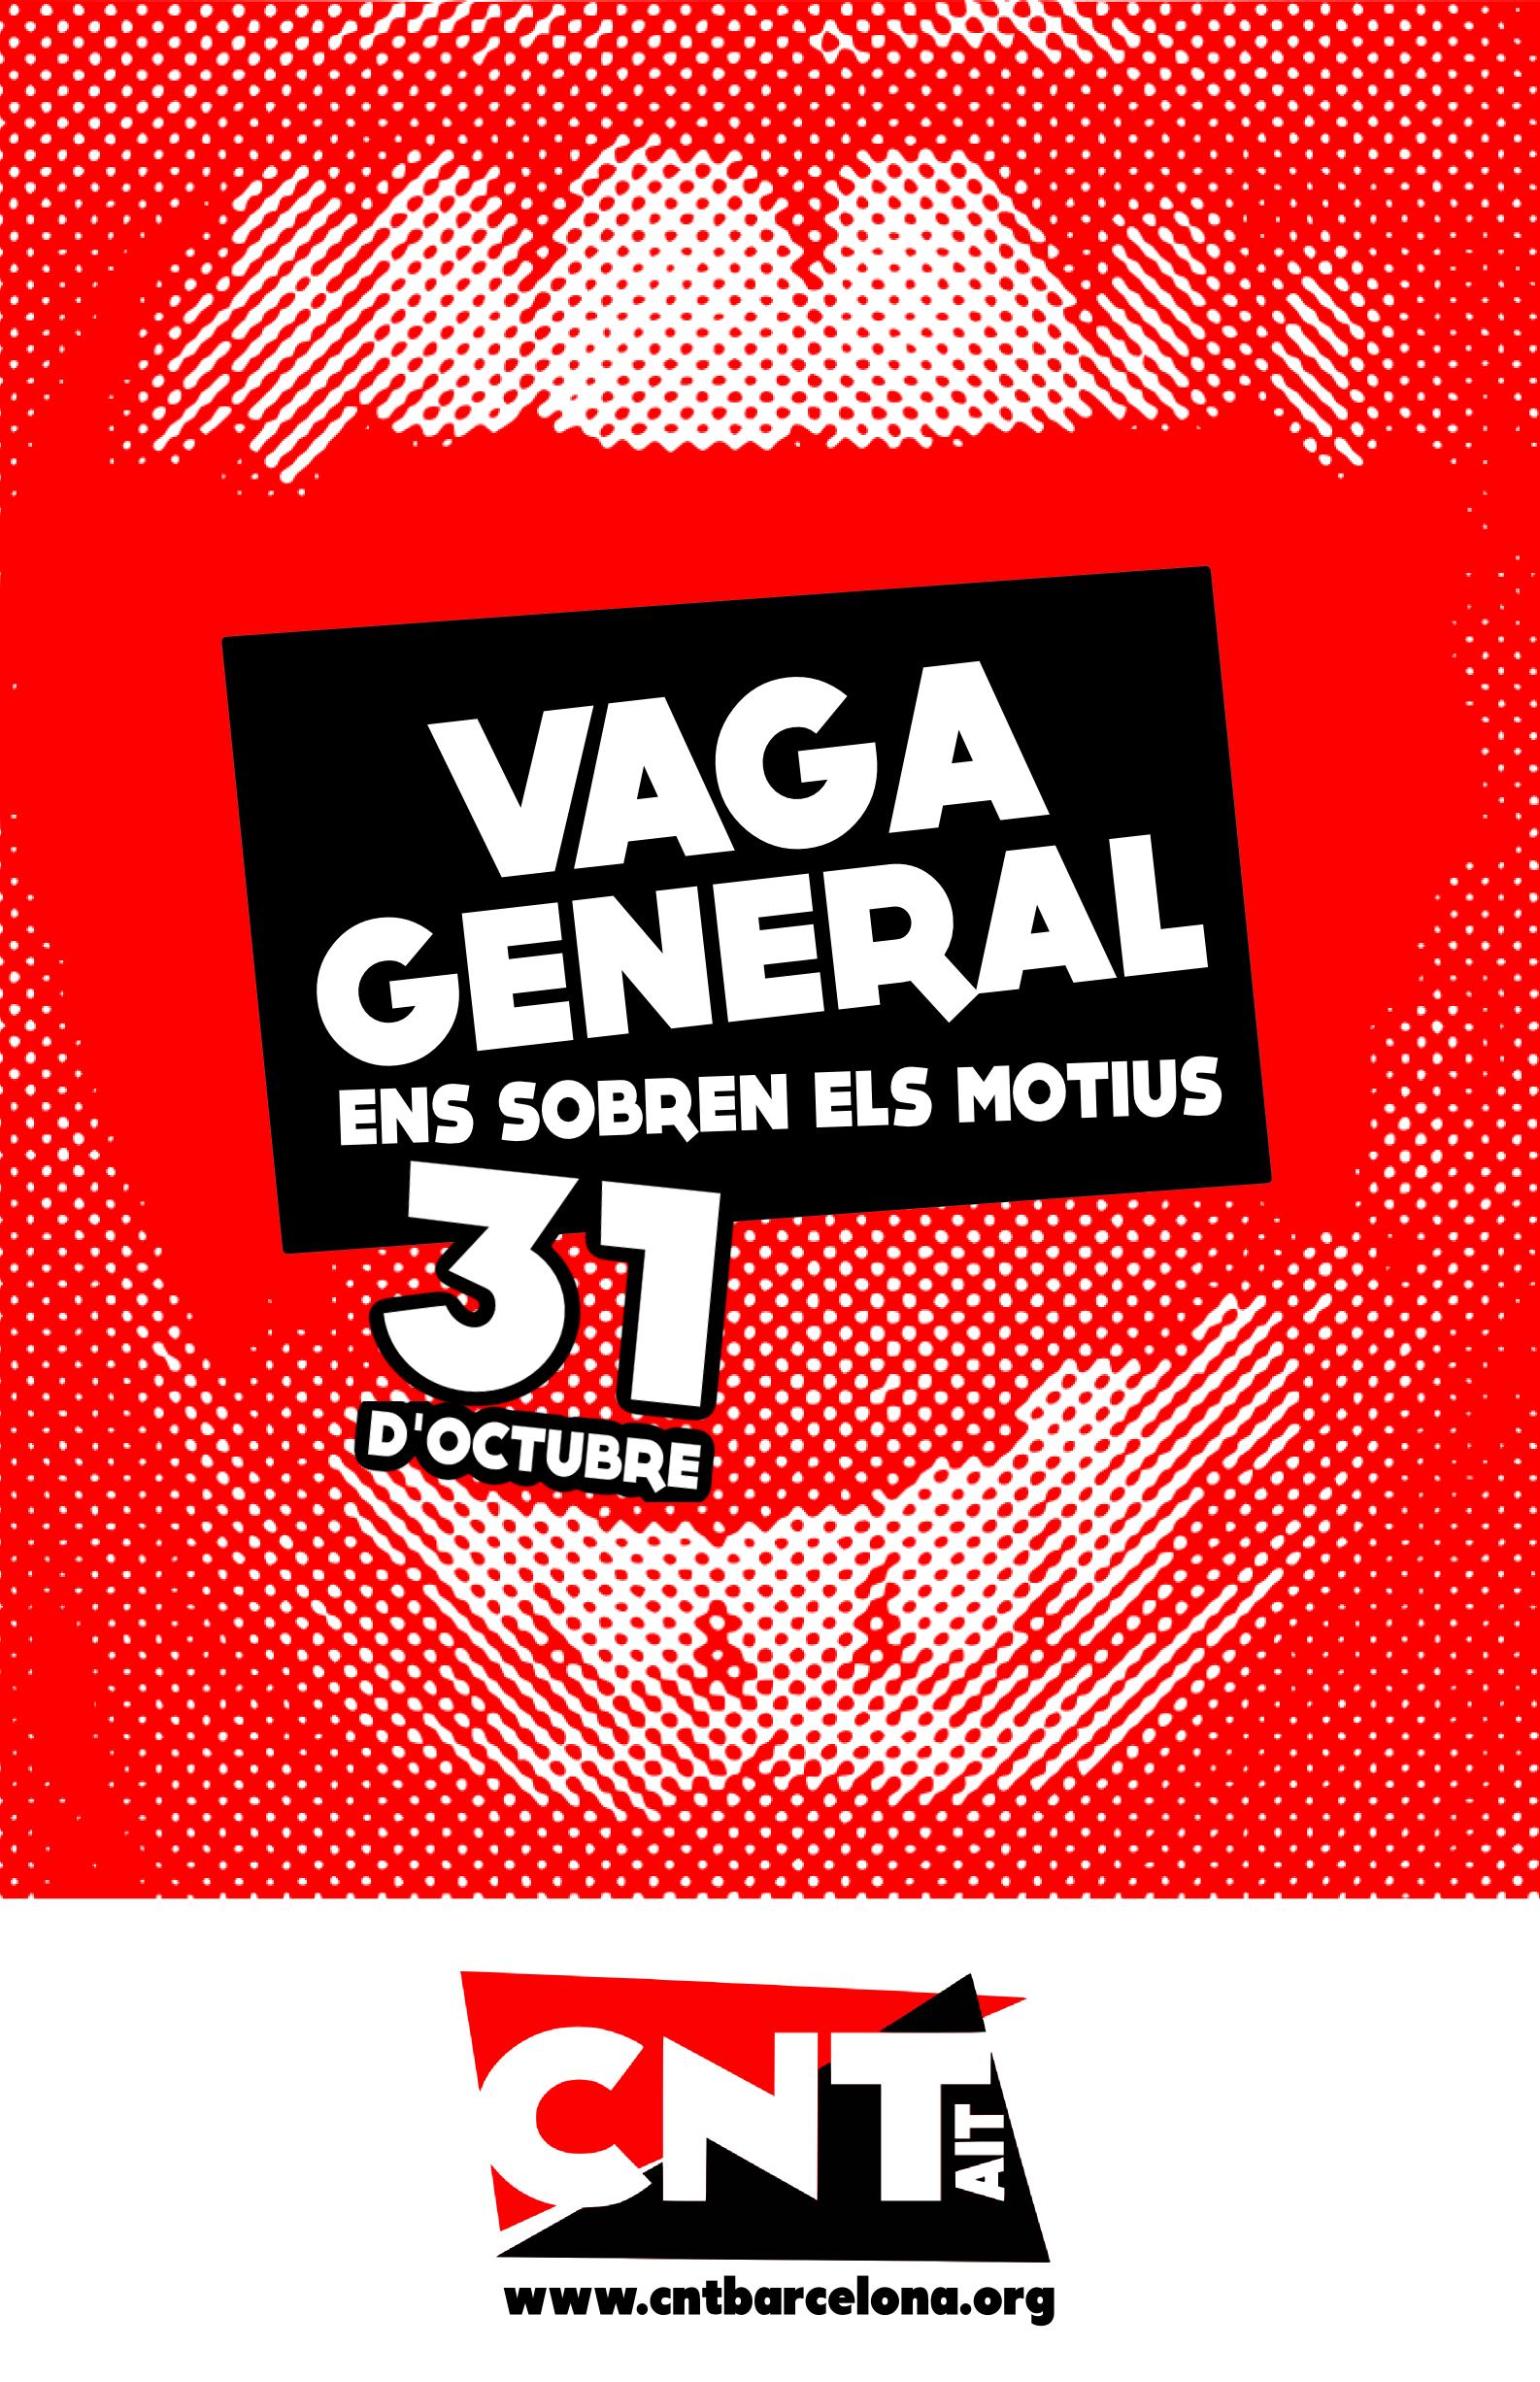 La CNT convoca vaga general a la ciutat de Barcelona el proper 31 d'octubre